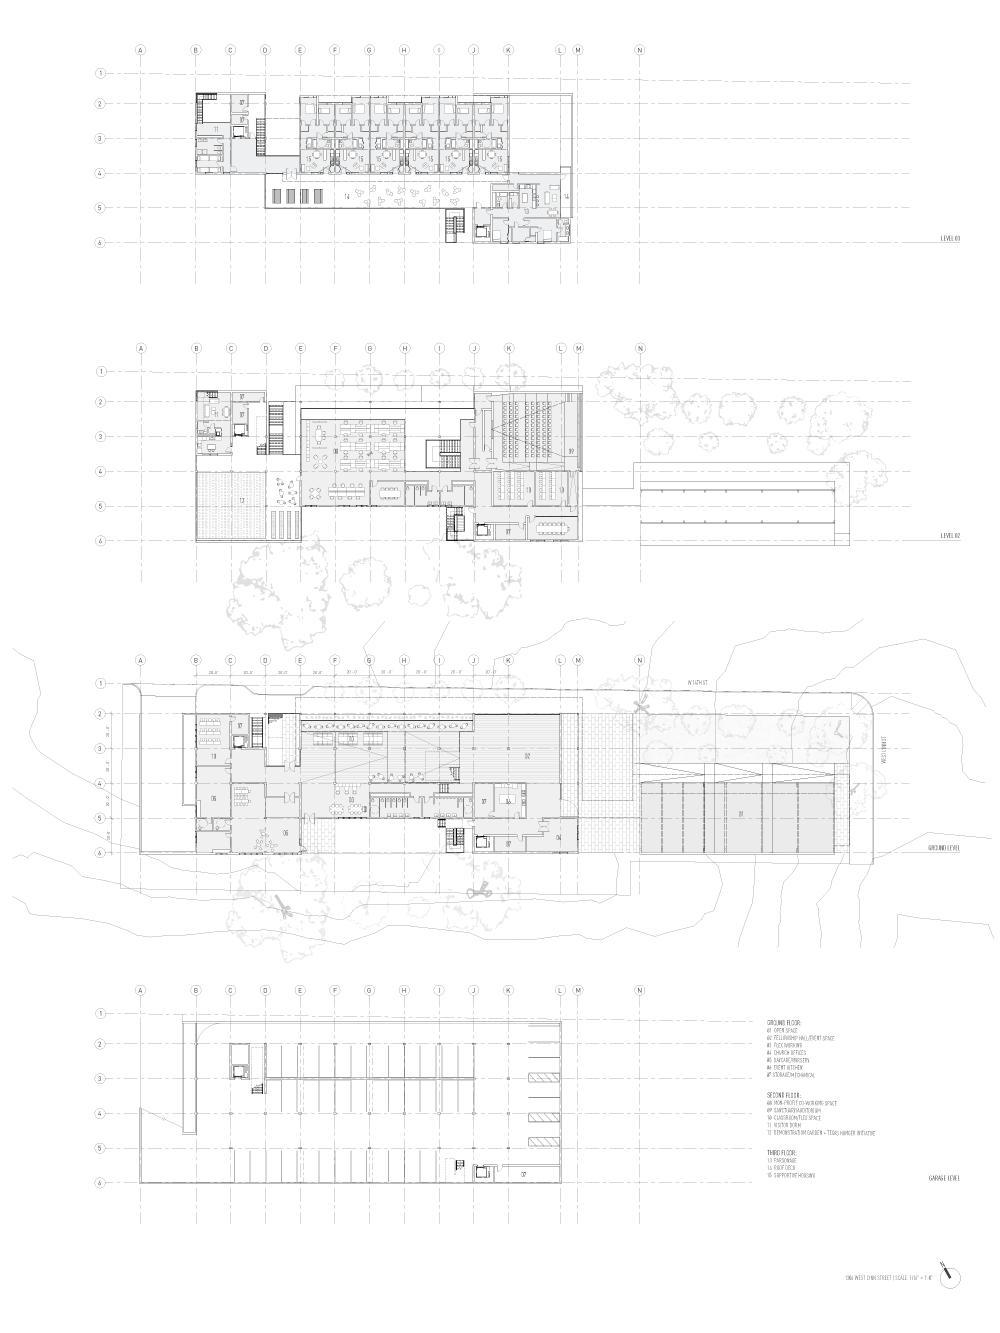 floor_plans_final_alllevels.png